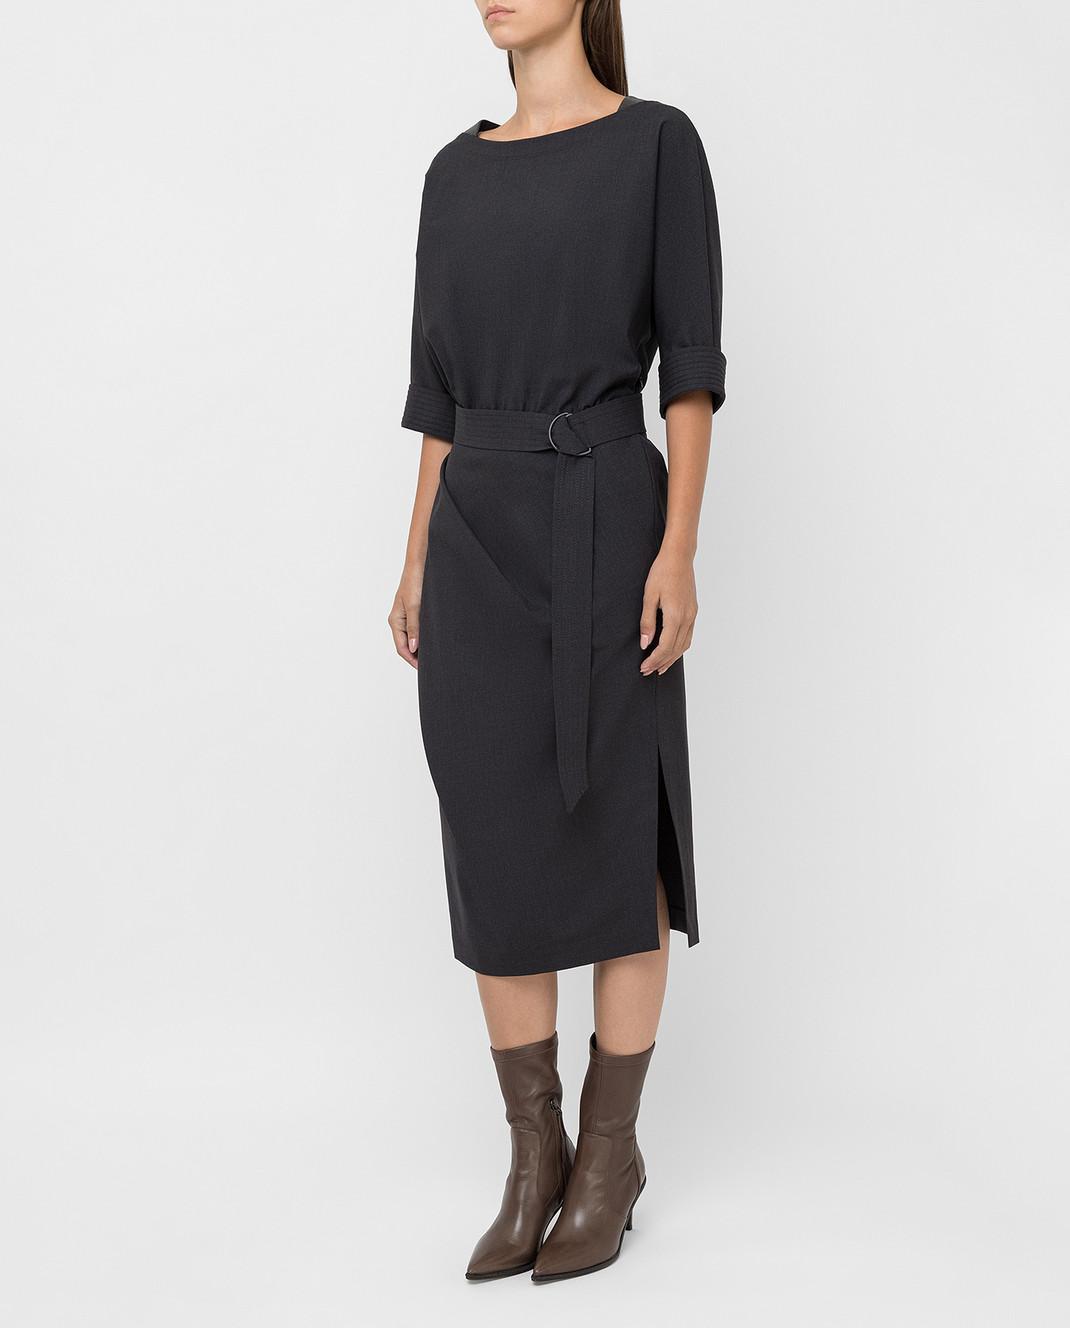 Brunello Cucinelli Темно-серое платье из шерсти изображение 3